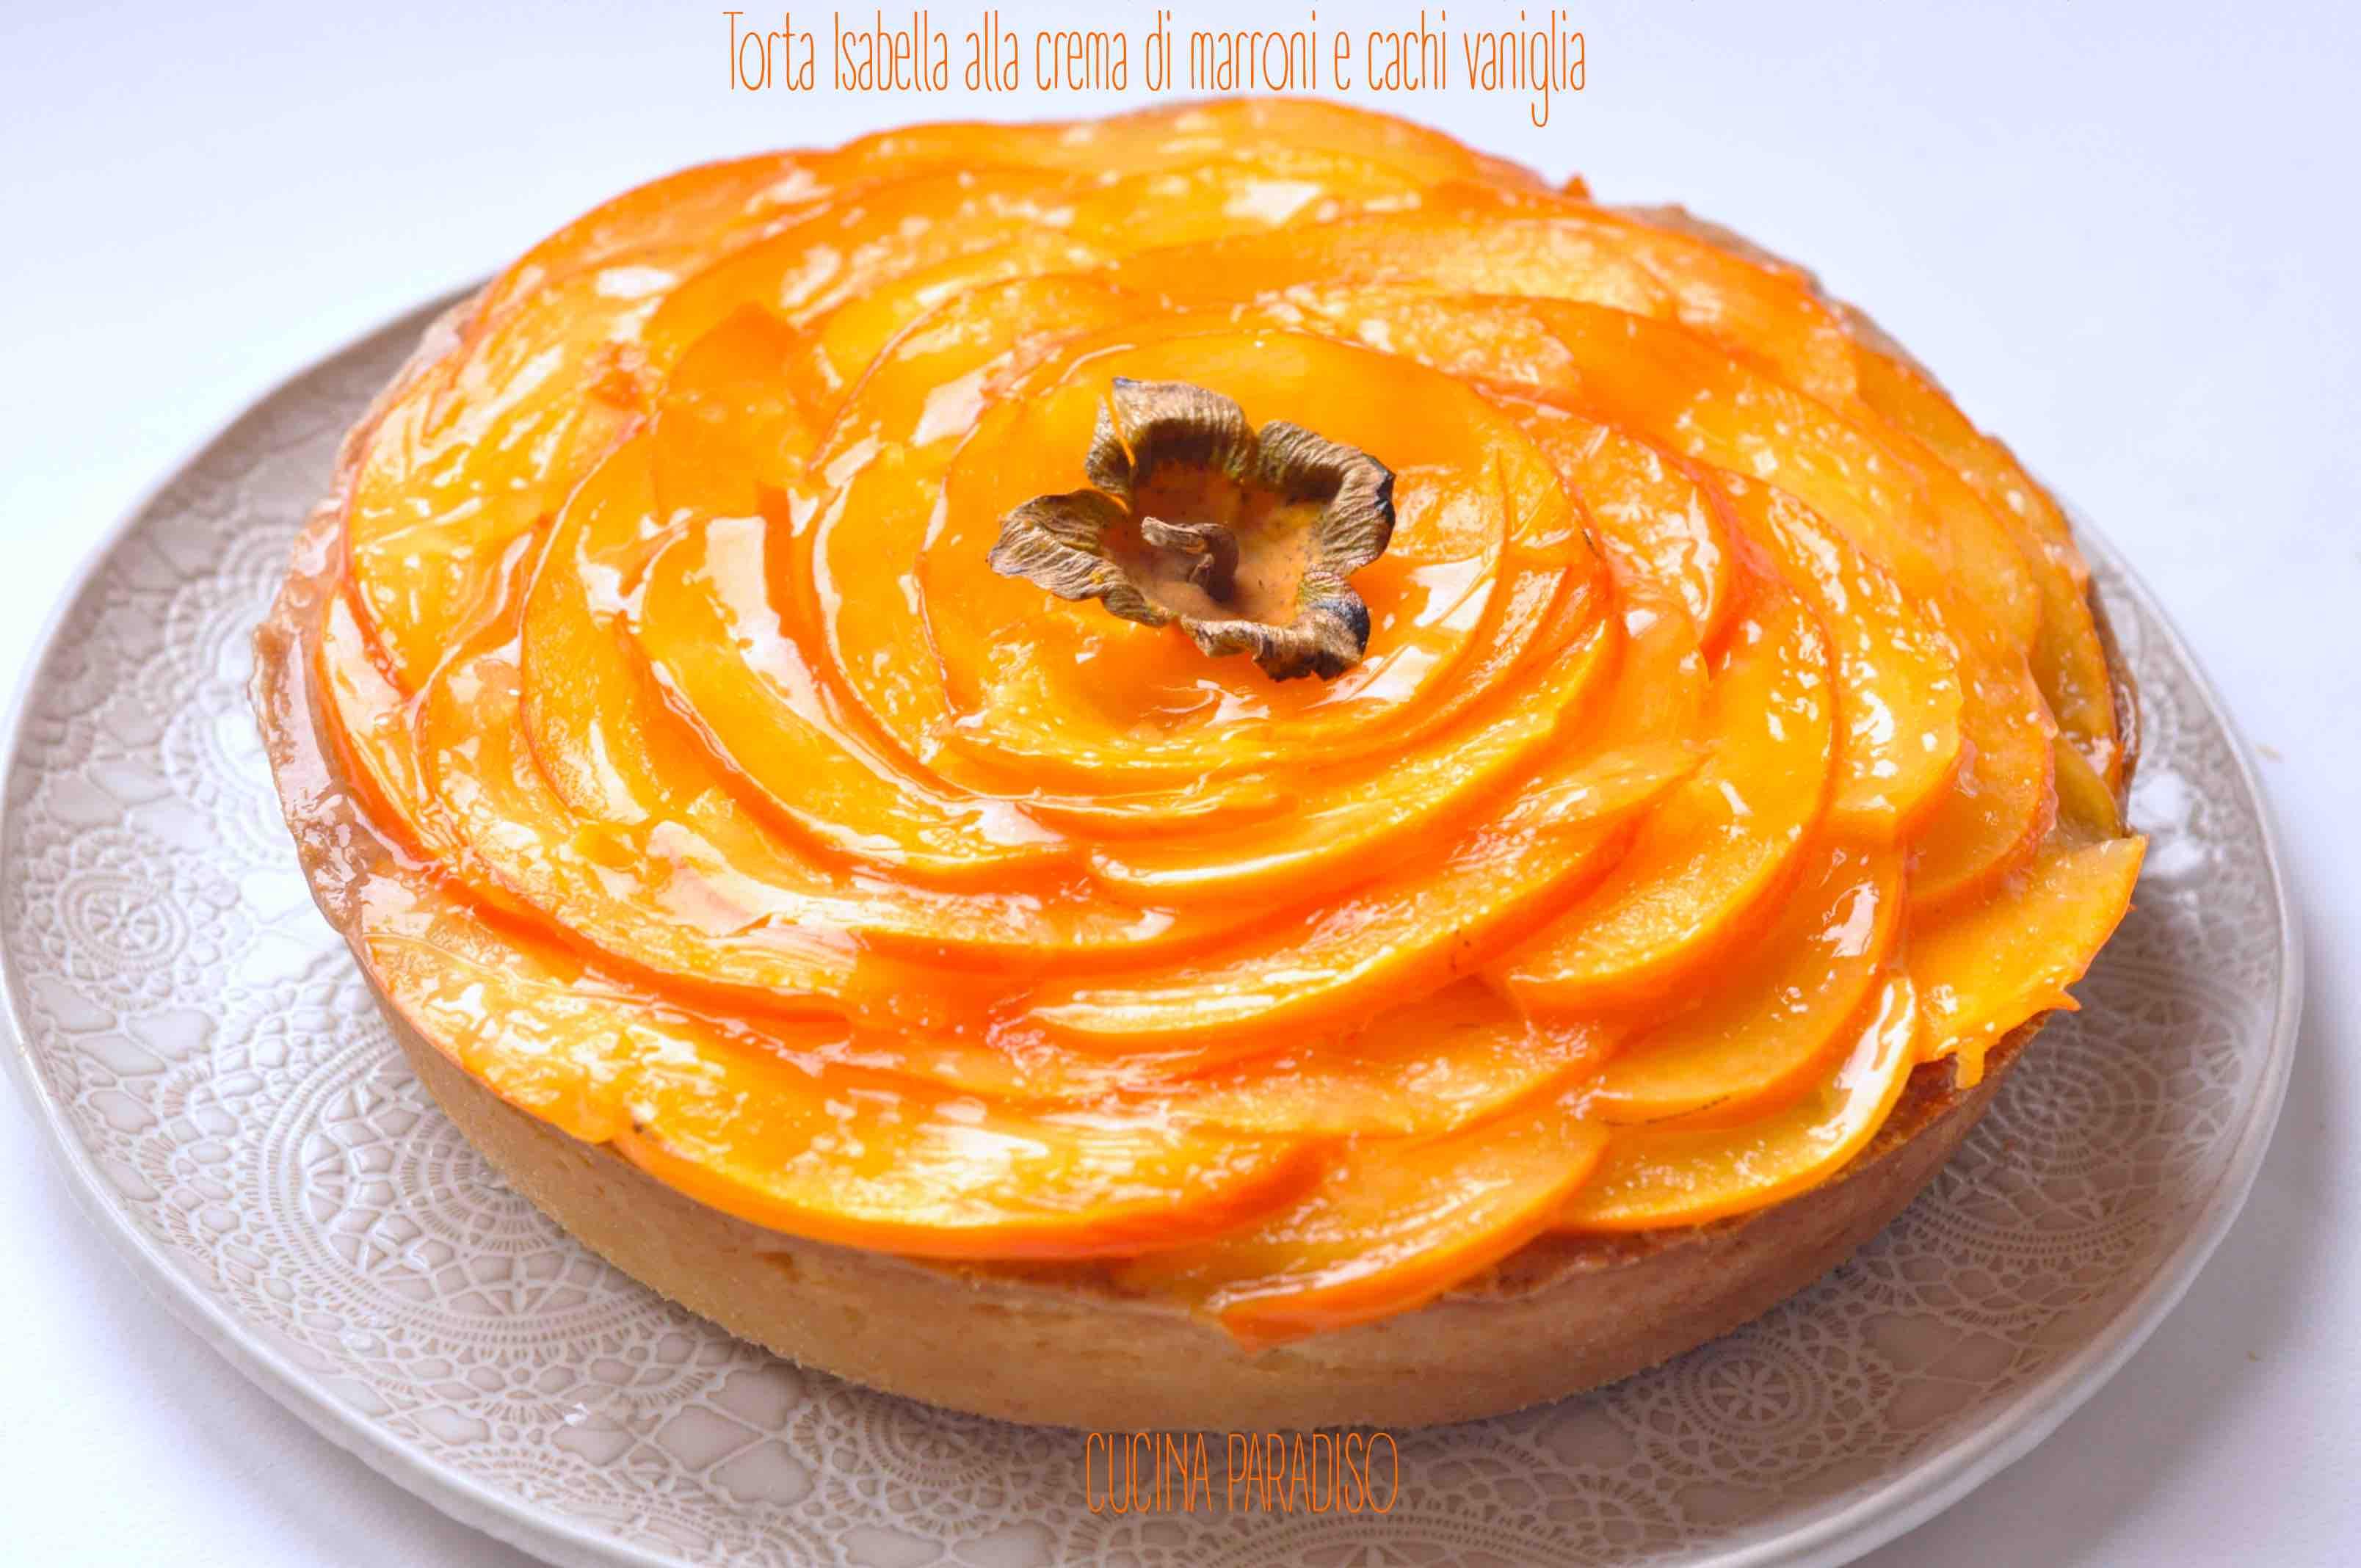 Torta Isabella alla crema di marroni e cachi vaniglia4